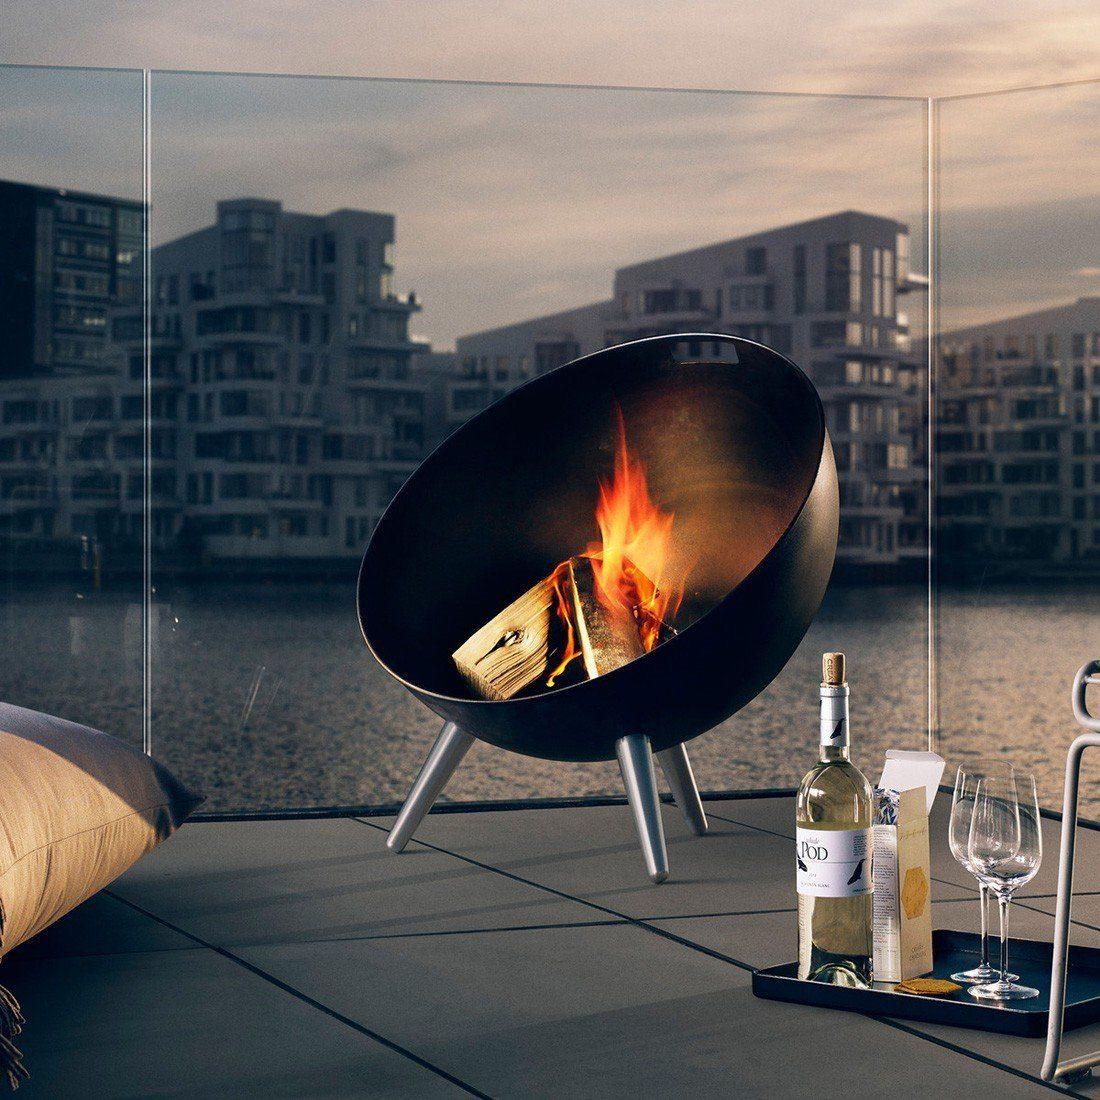 Berühmt Eva Solo Design Feuerschale - Feuerschale-Feuerkorb24.de #KO_72